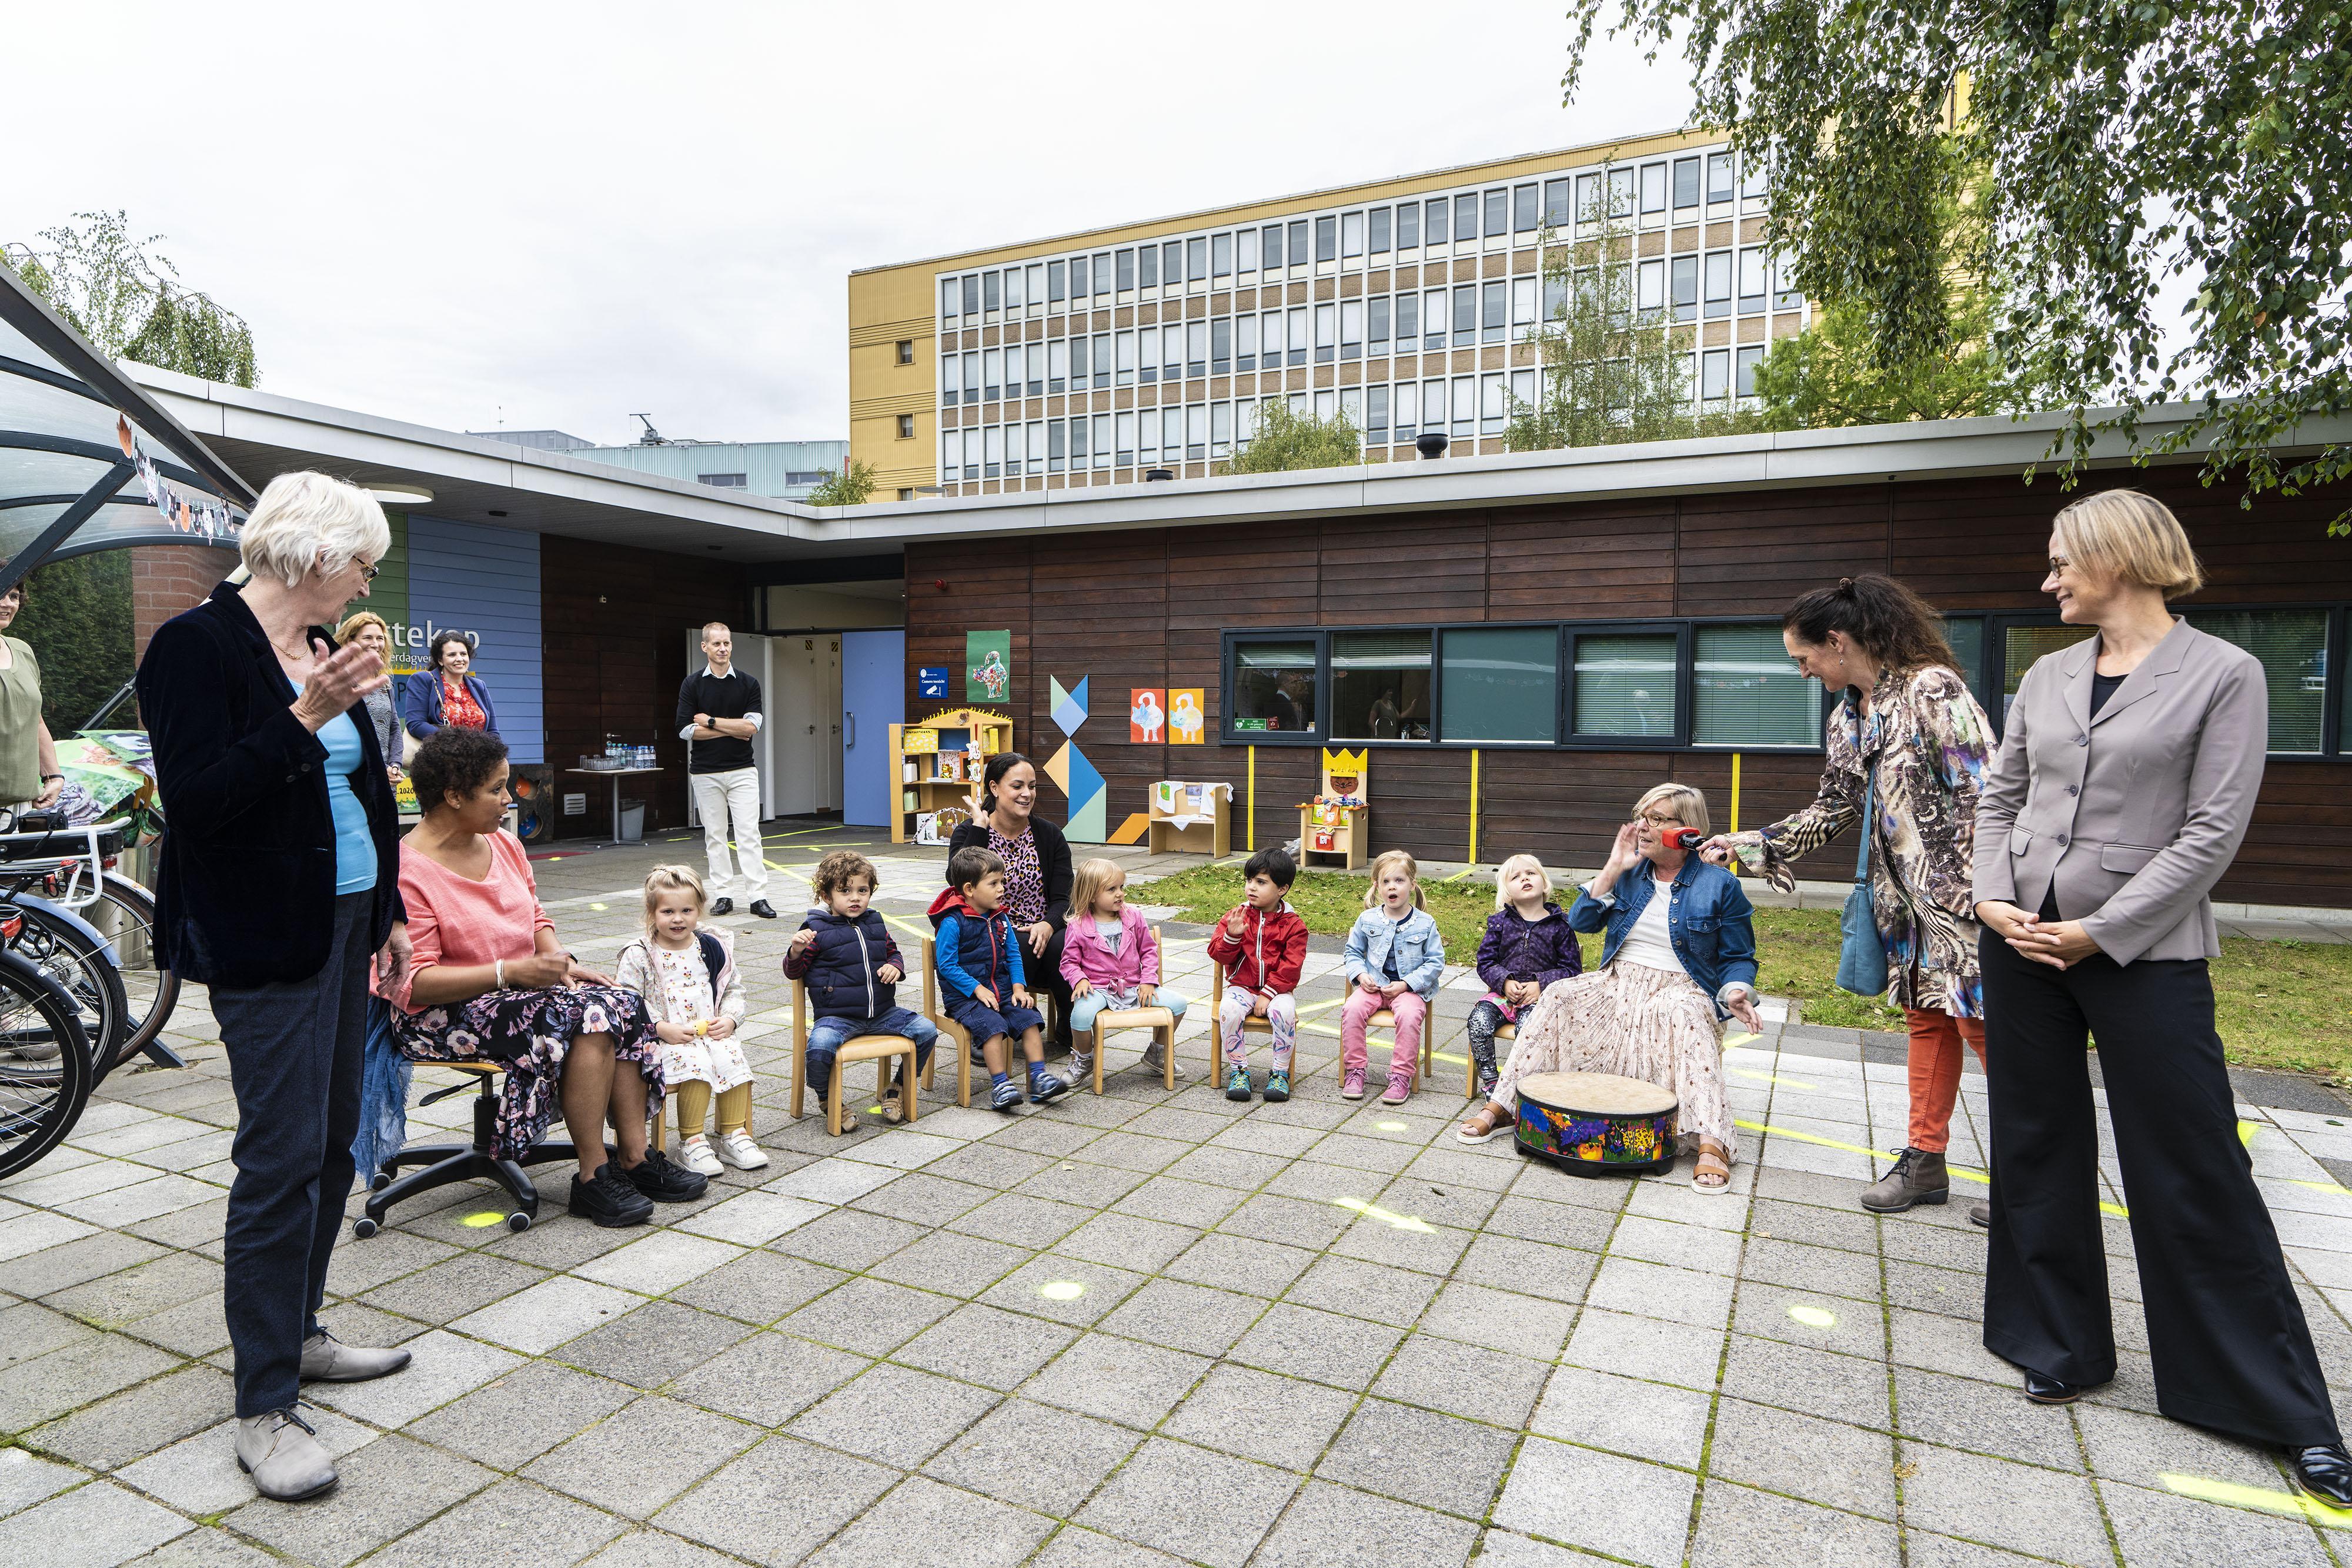 Universitair kinderdagverblijf 'De Kattekop' in Leiden viert 40-jarig bestaan